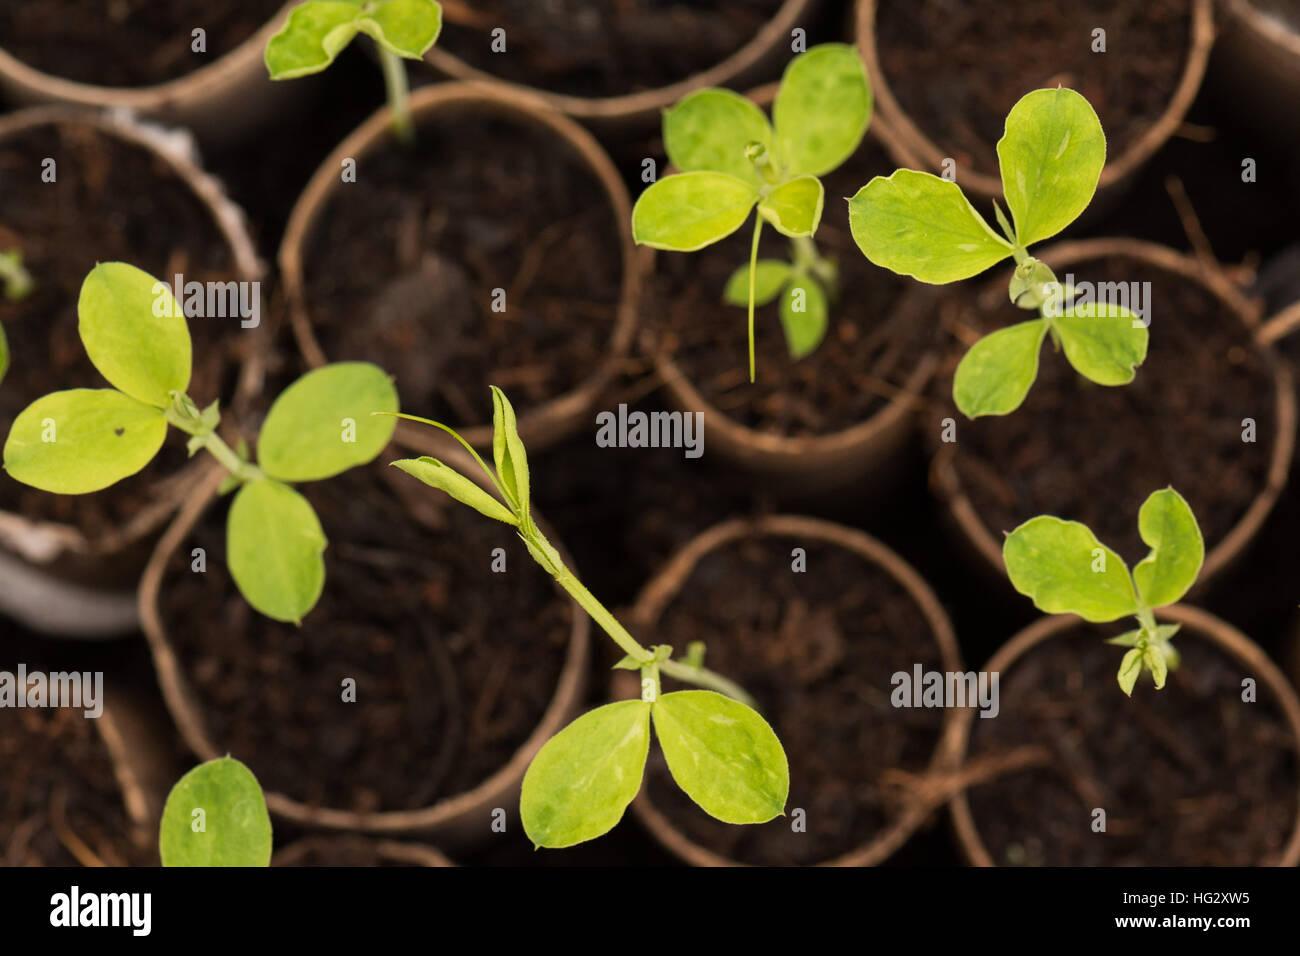 sweet pea lathyrus odoratus seedlings growing in recycled stock